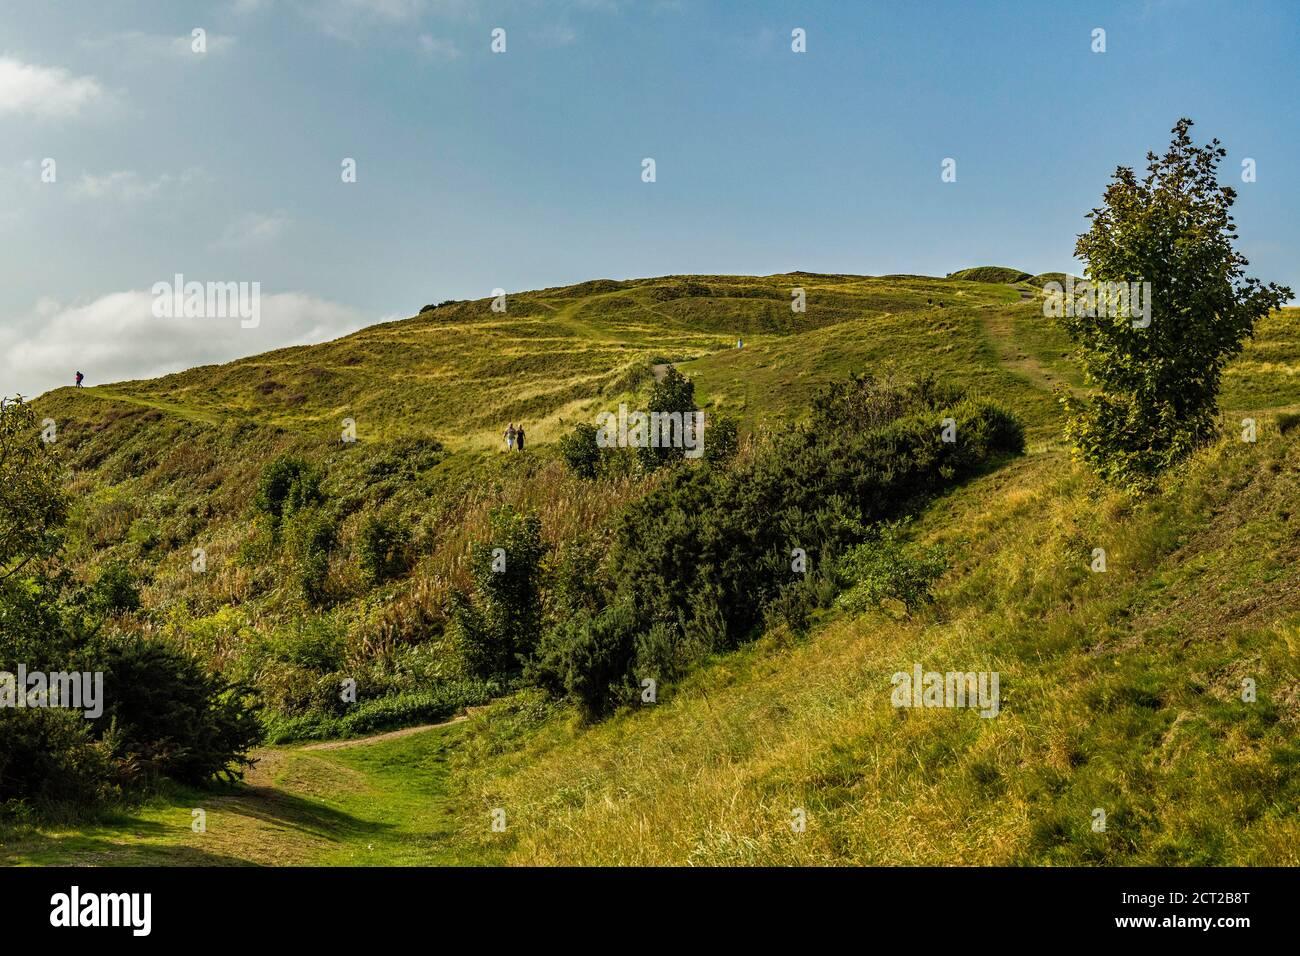 British Camp, o parte de, en el extremo sur de las Malvern Hills que se extienden a lo largo de Herefordshire y Worcestershire. Un enorme campamento que cubre tres colinas. Foto de stock